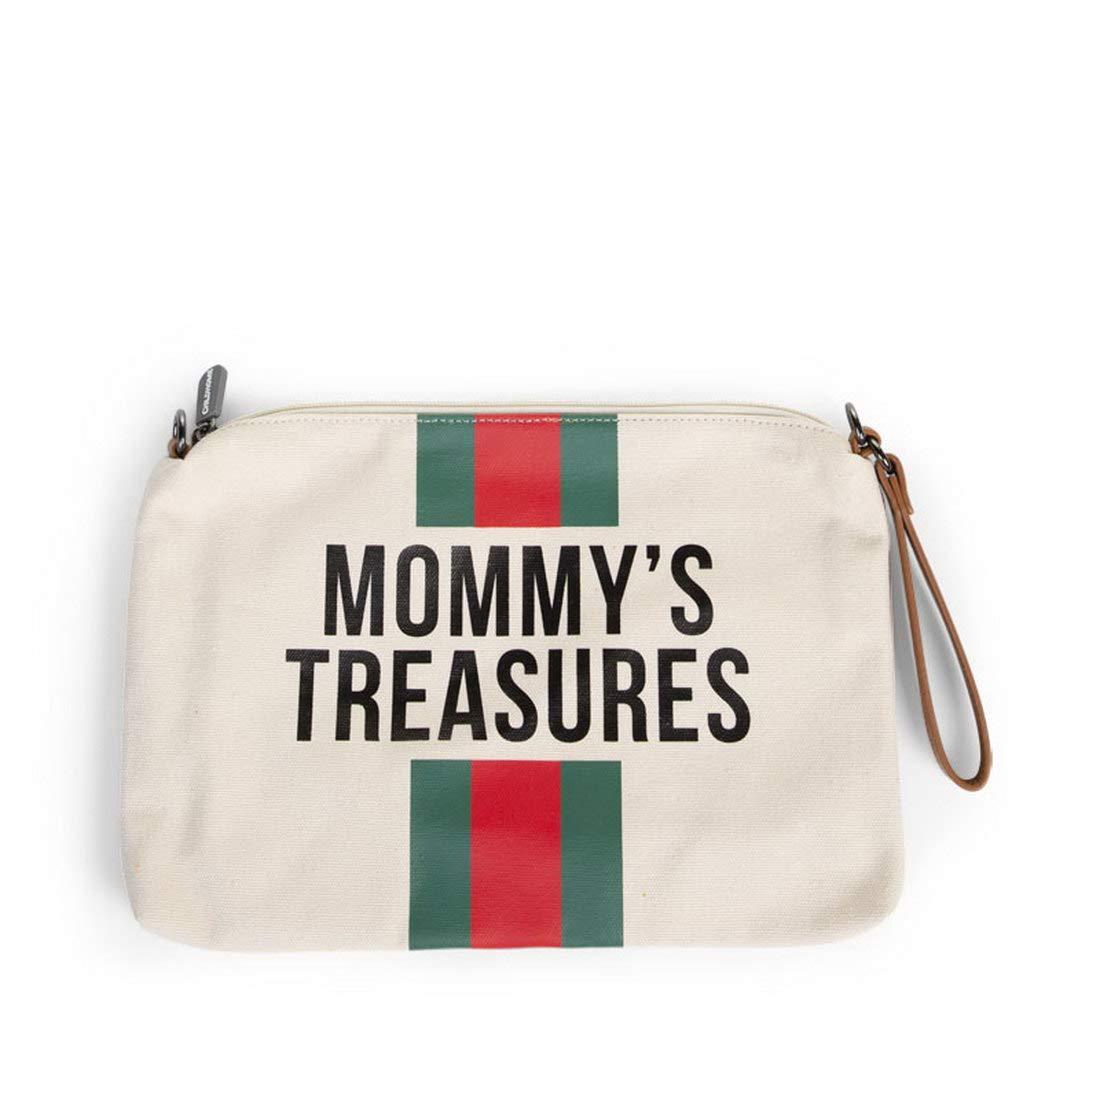 Erdbeerwoody – Borsa fasciatoio per Bambini con Mommy, 23 x 33 x 3 cm, Mommys Clutch, Perfetta per Il Benessere Quotidiano del Neonato, Molti Colorei